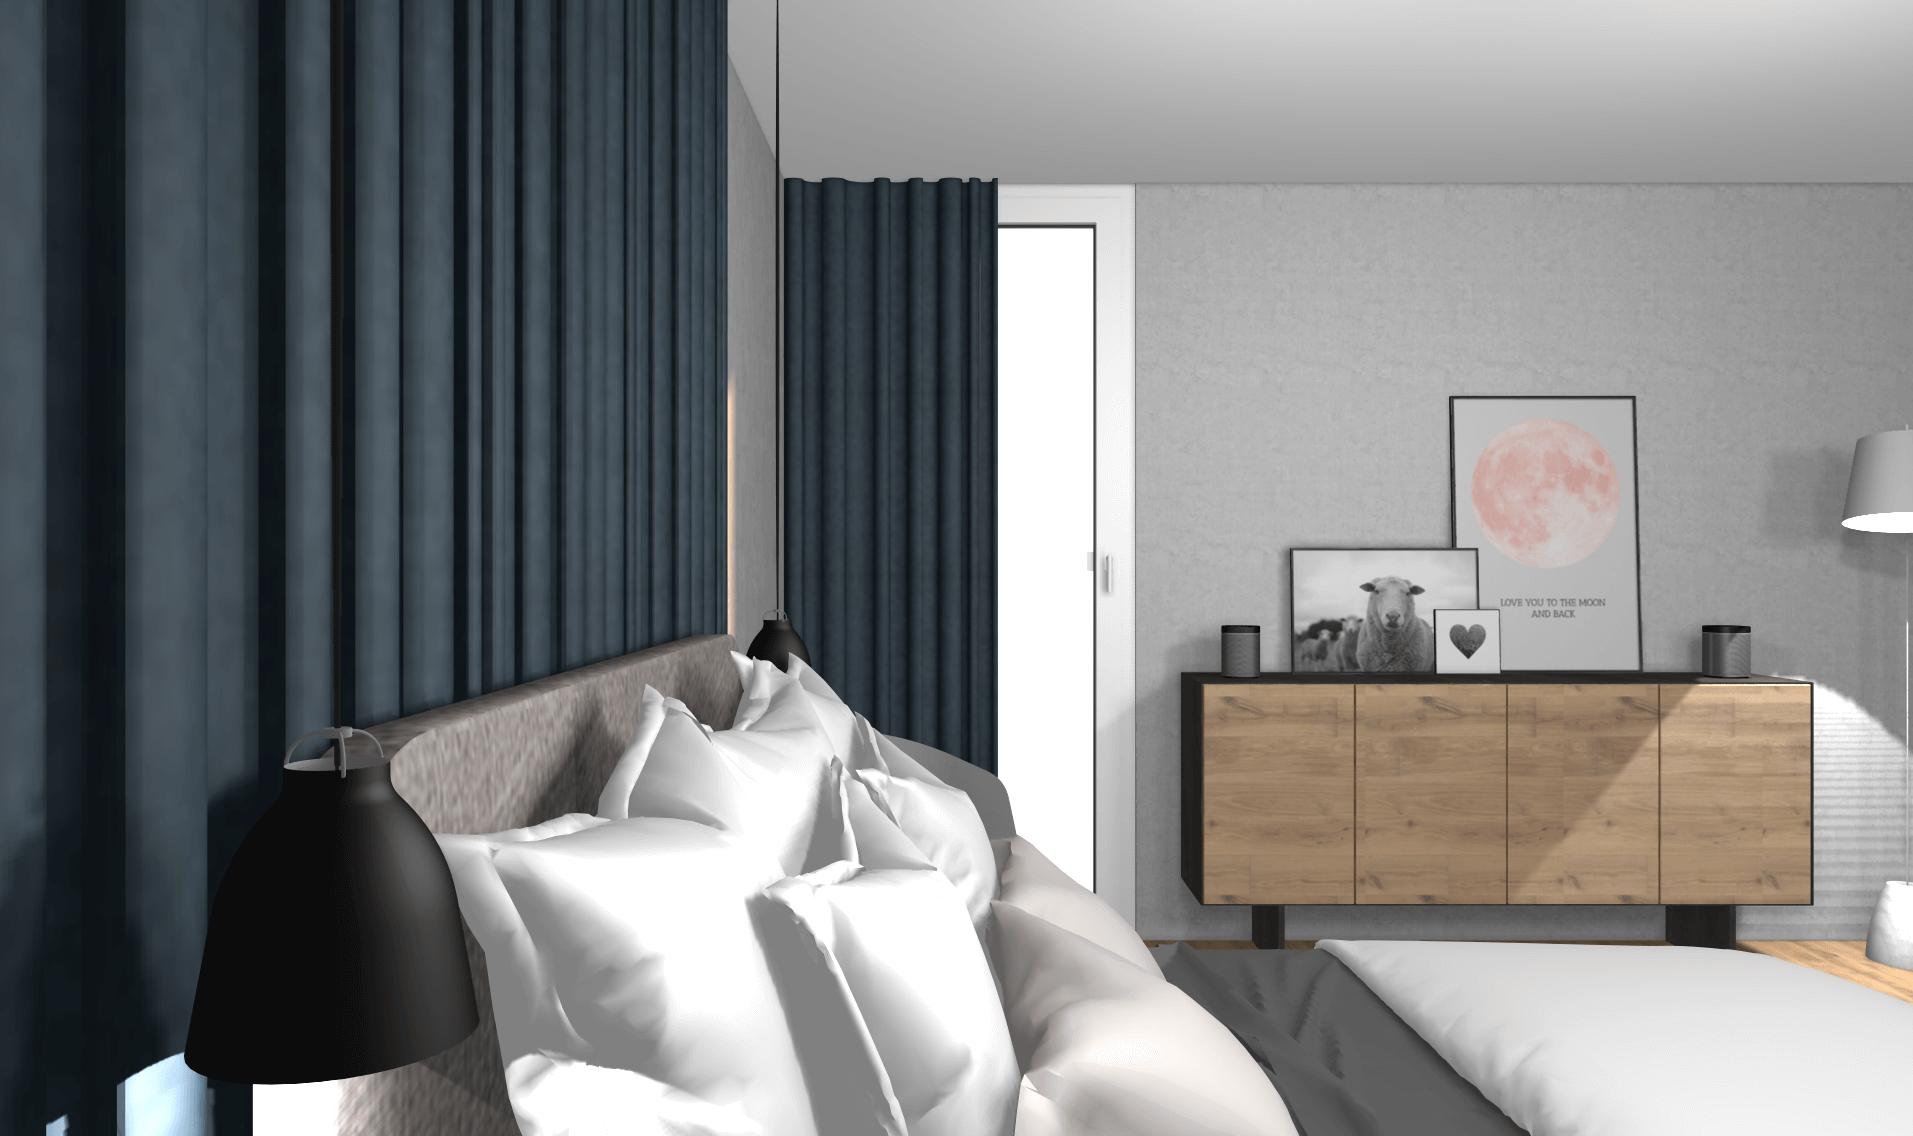 Stylisches Schlafzimmer Konzept Mit Kleinem Budget Von Wohnly   Stylische  Schlafzimmer